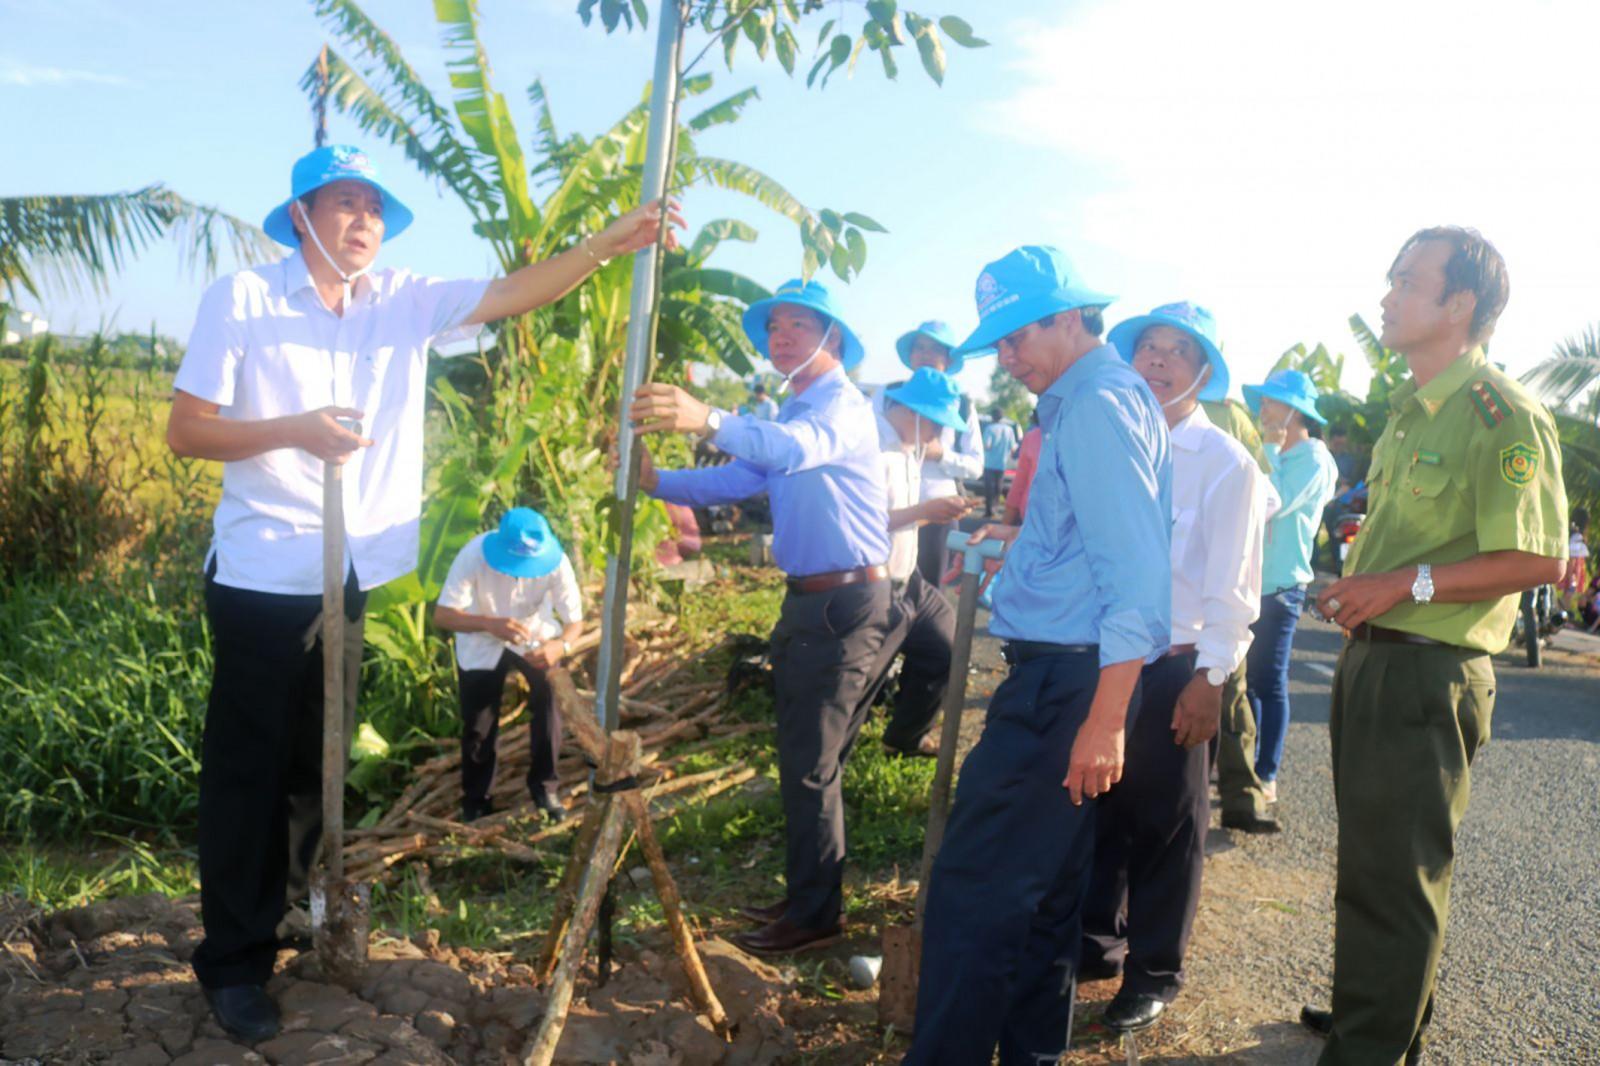 Phó Chủ tịch UBND TP Cần Thơ Nguyễn Thanh Dũng  tham gia trồng cây xanh tại huyện Thới Lai. Ảnh: KHÁNH TRUNG